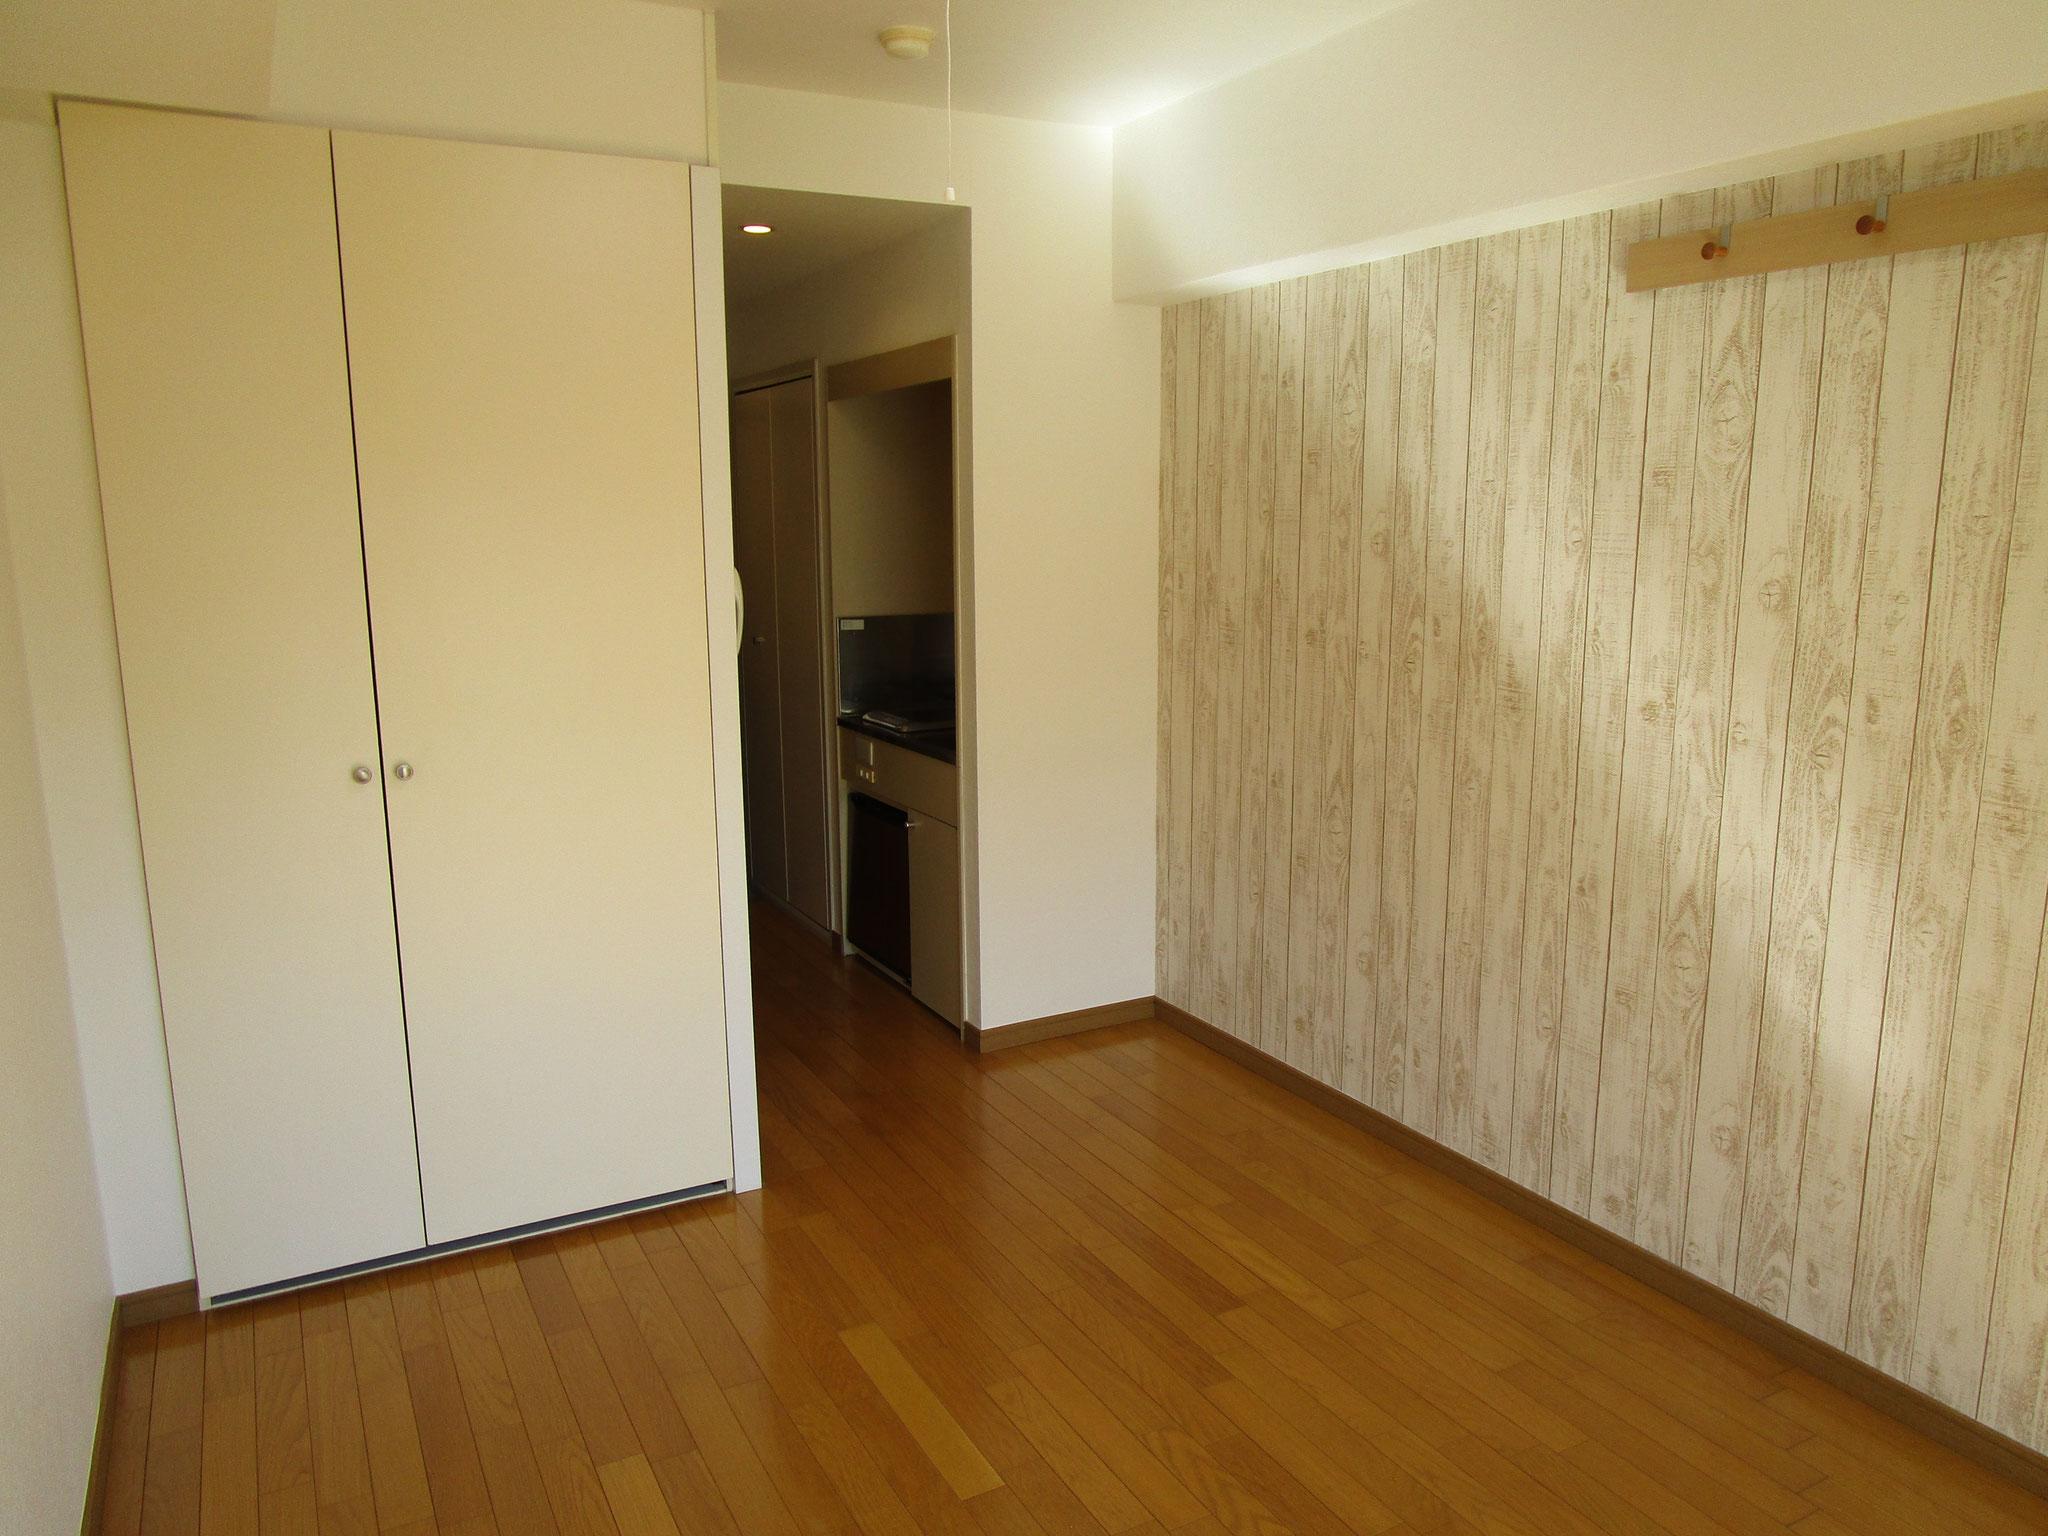 このワンルームは、木目調のアクセントクロス。そして木製のウォールハンガーを設置しました